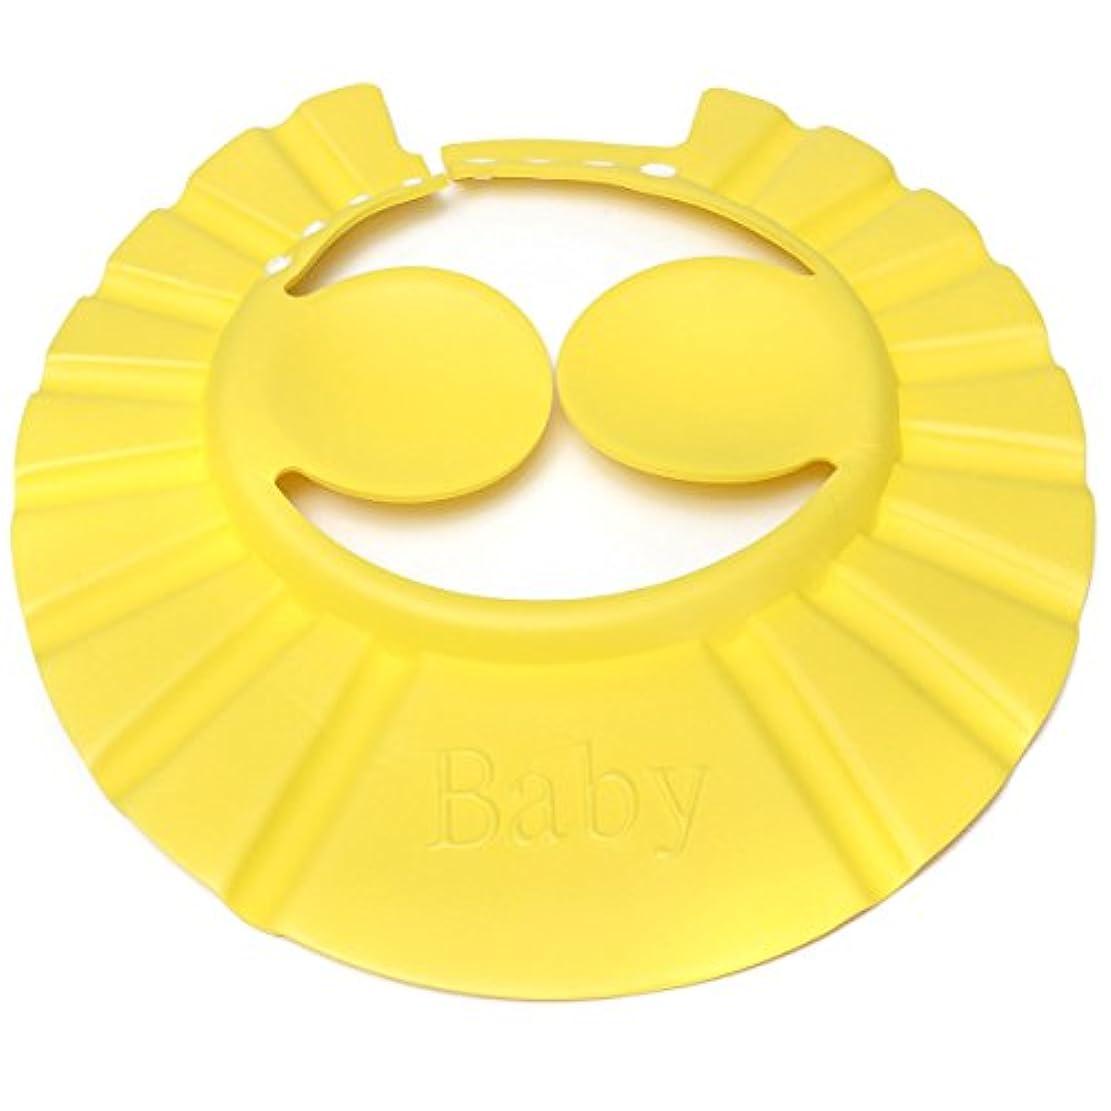 有限オーバーラン主権者ACAMPTAR 赤ちゃん 子供 幼児のシャンプー お風呂 シャワー キャップハット 髪を洗うシールド 黄色